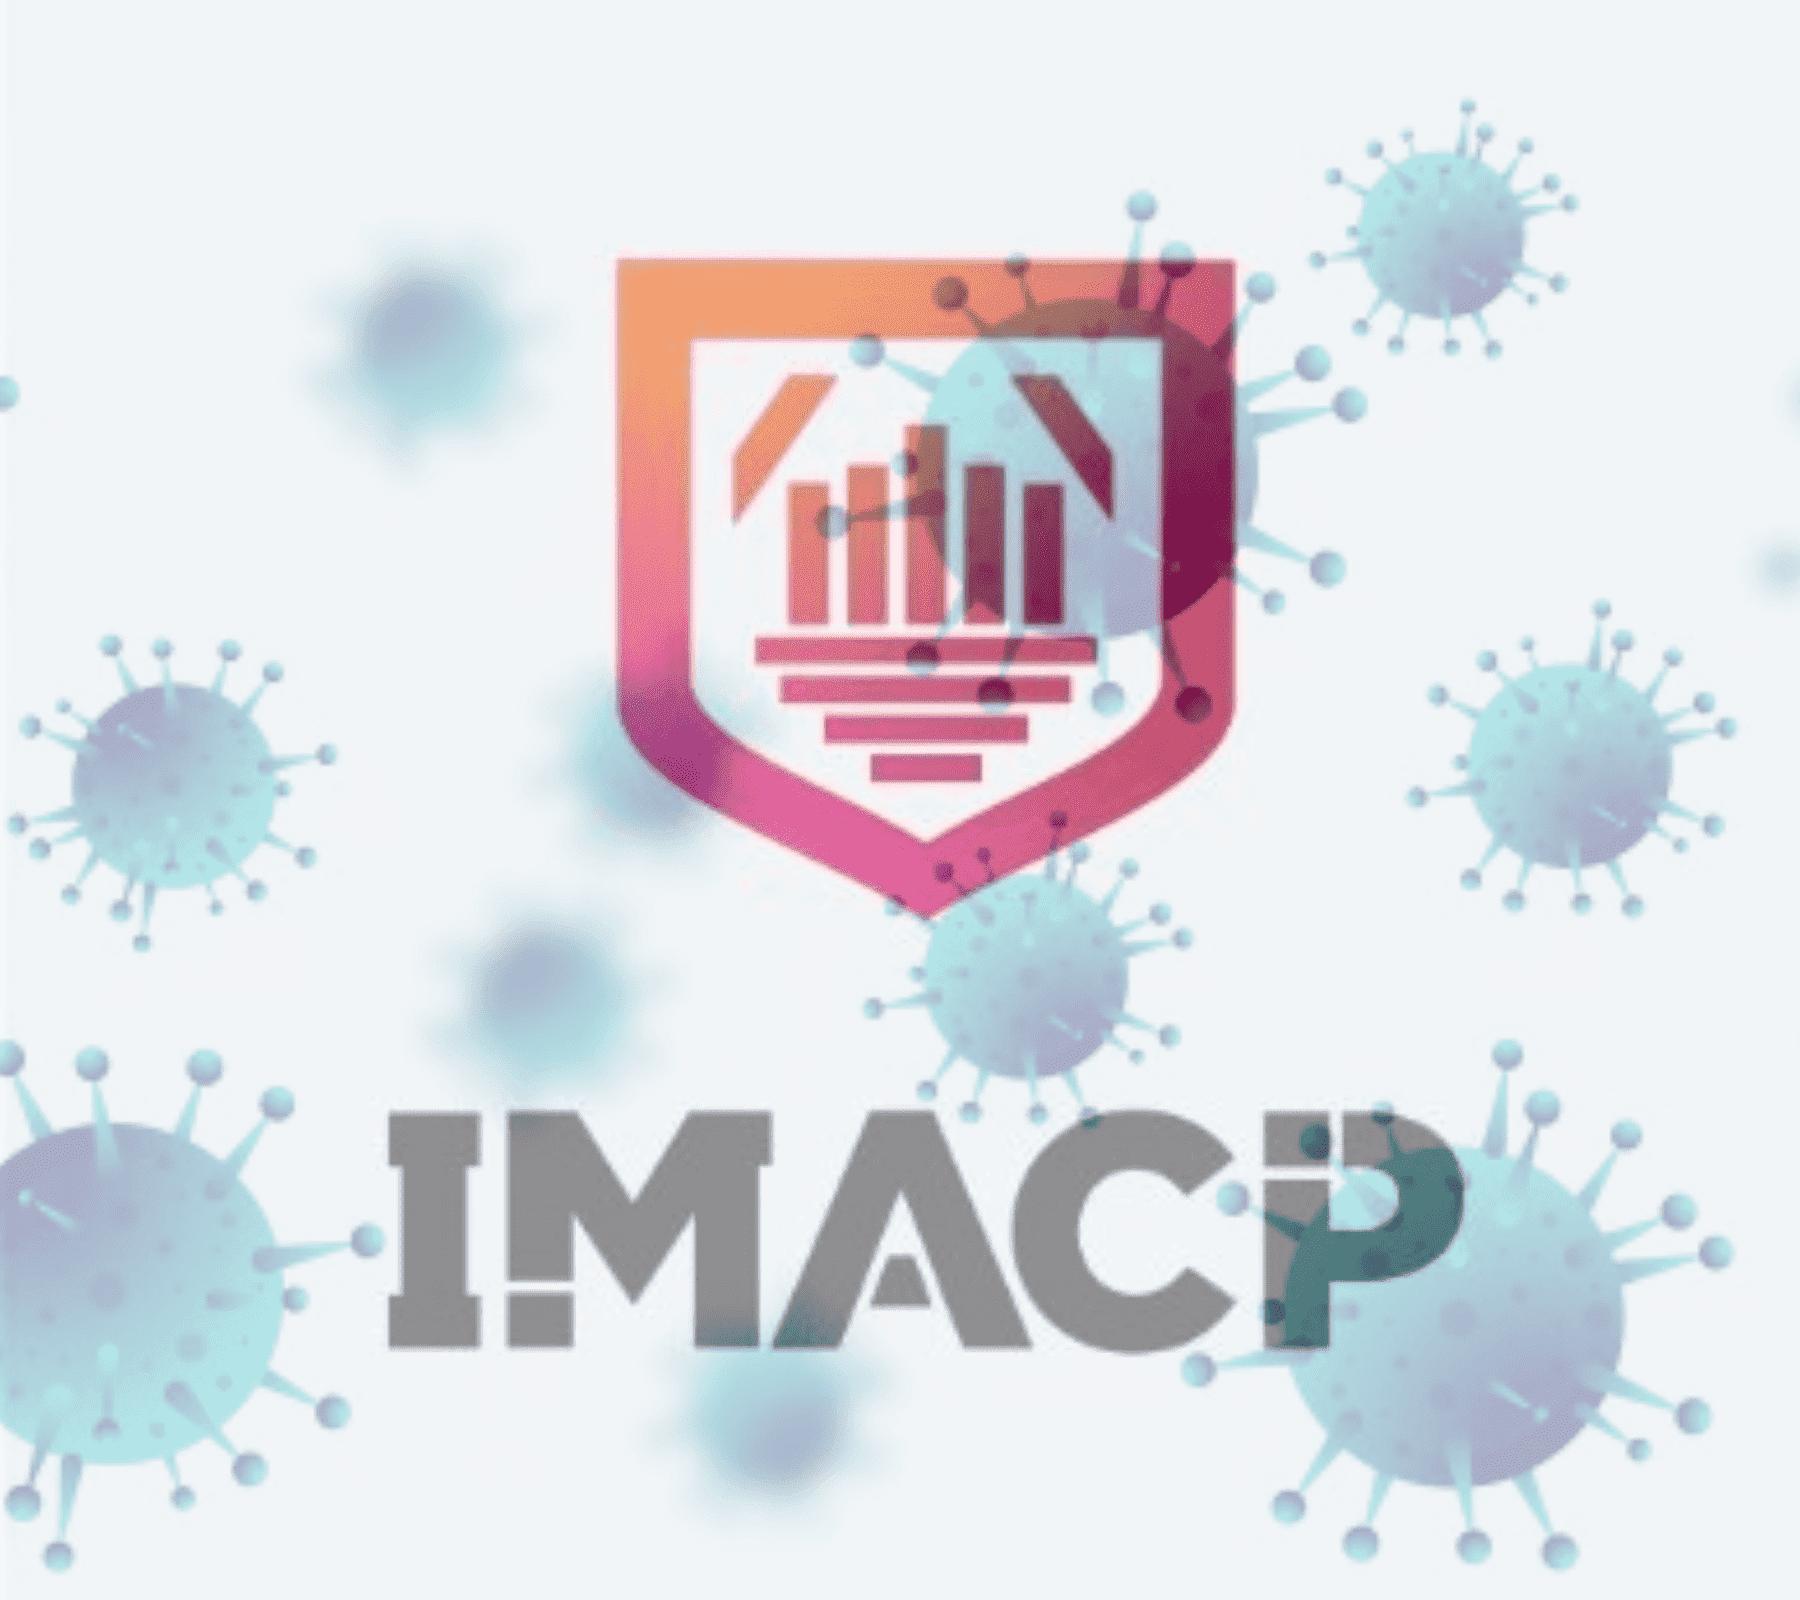 IMACP COVID